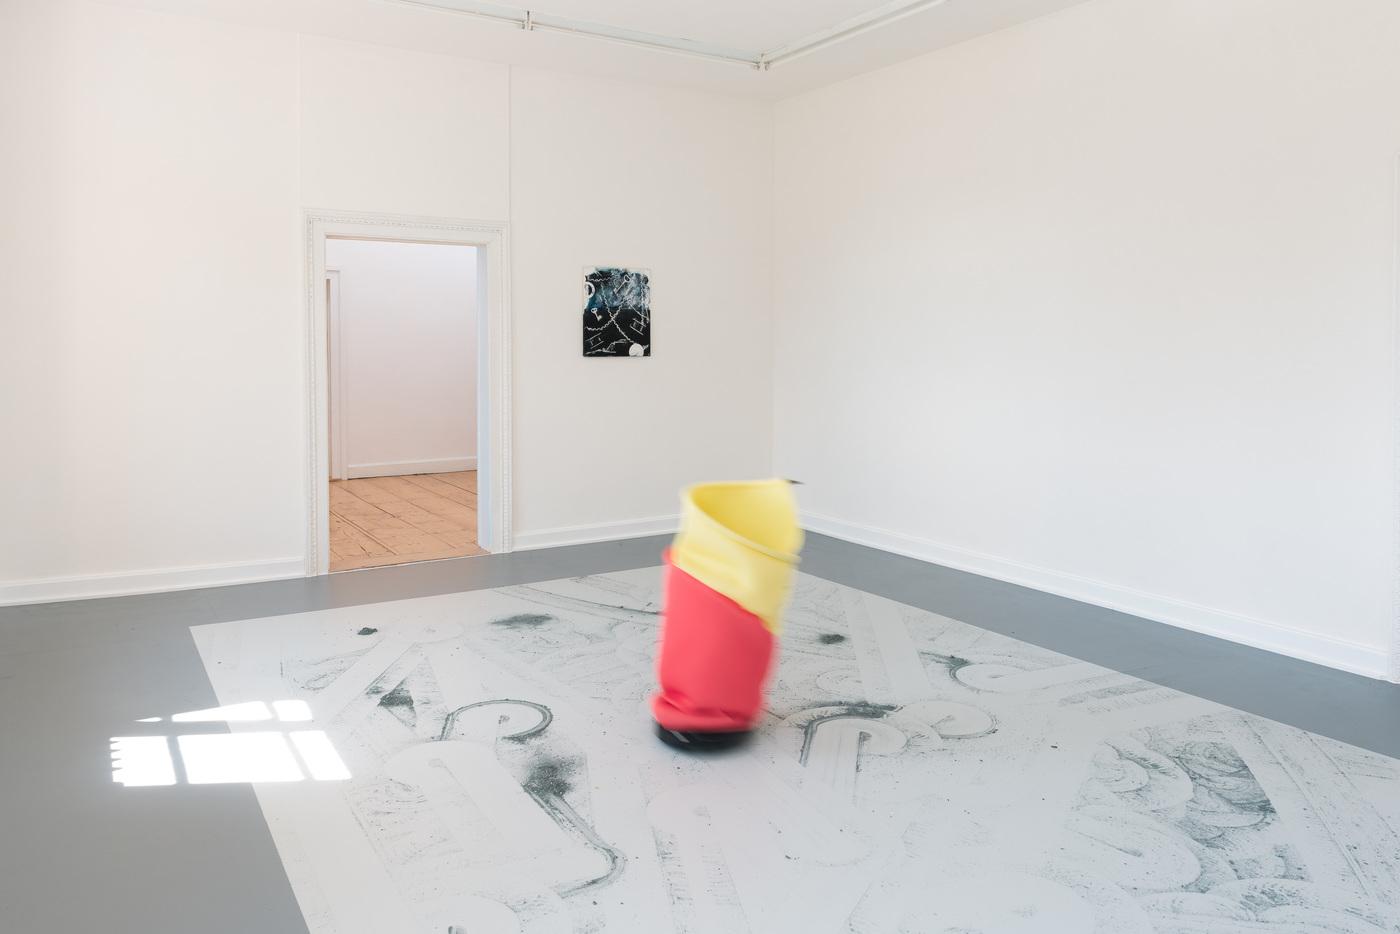 ProcessPerformancePresence_Duchovny Gerlach at Kunstverein Braunschweig